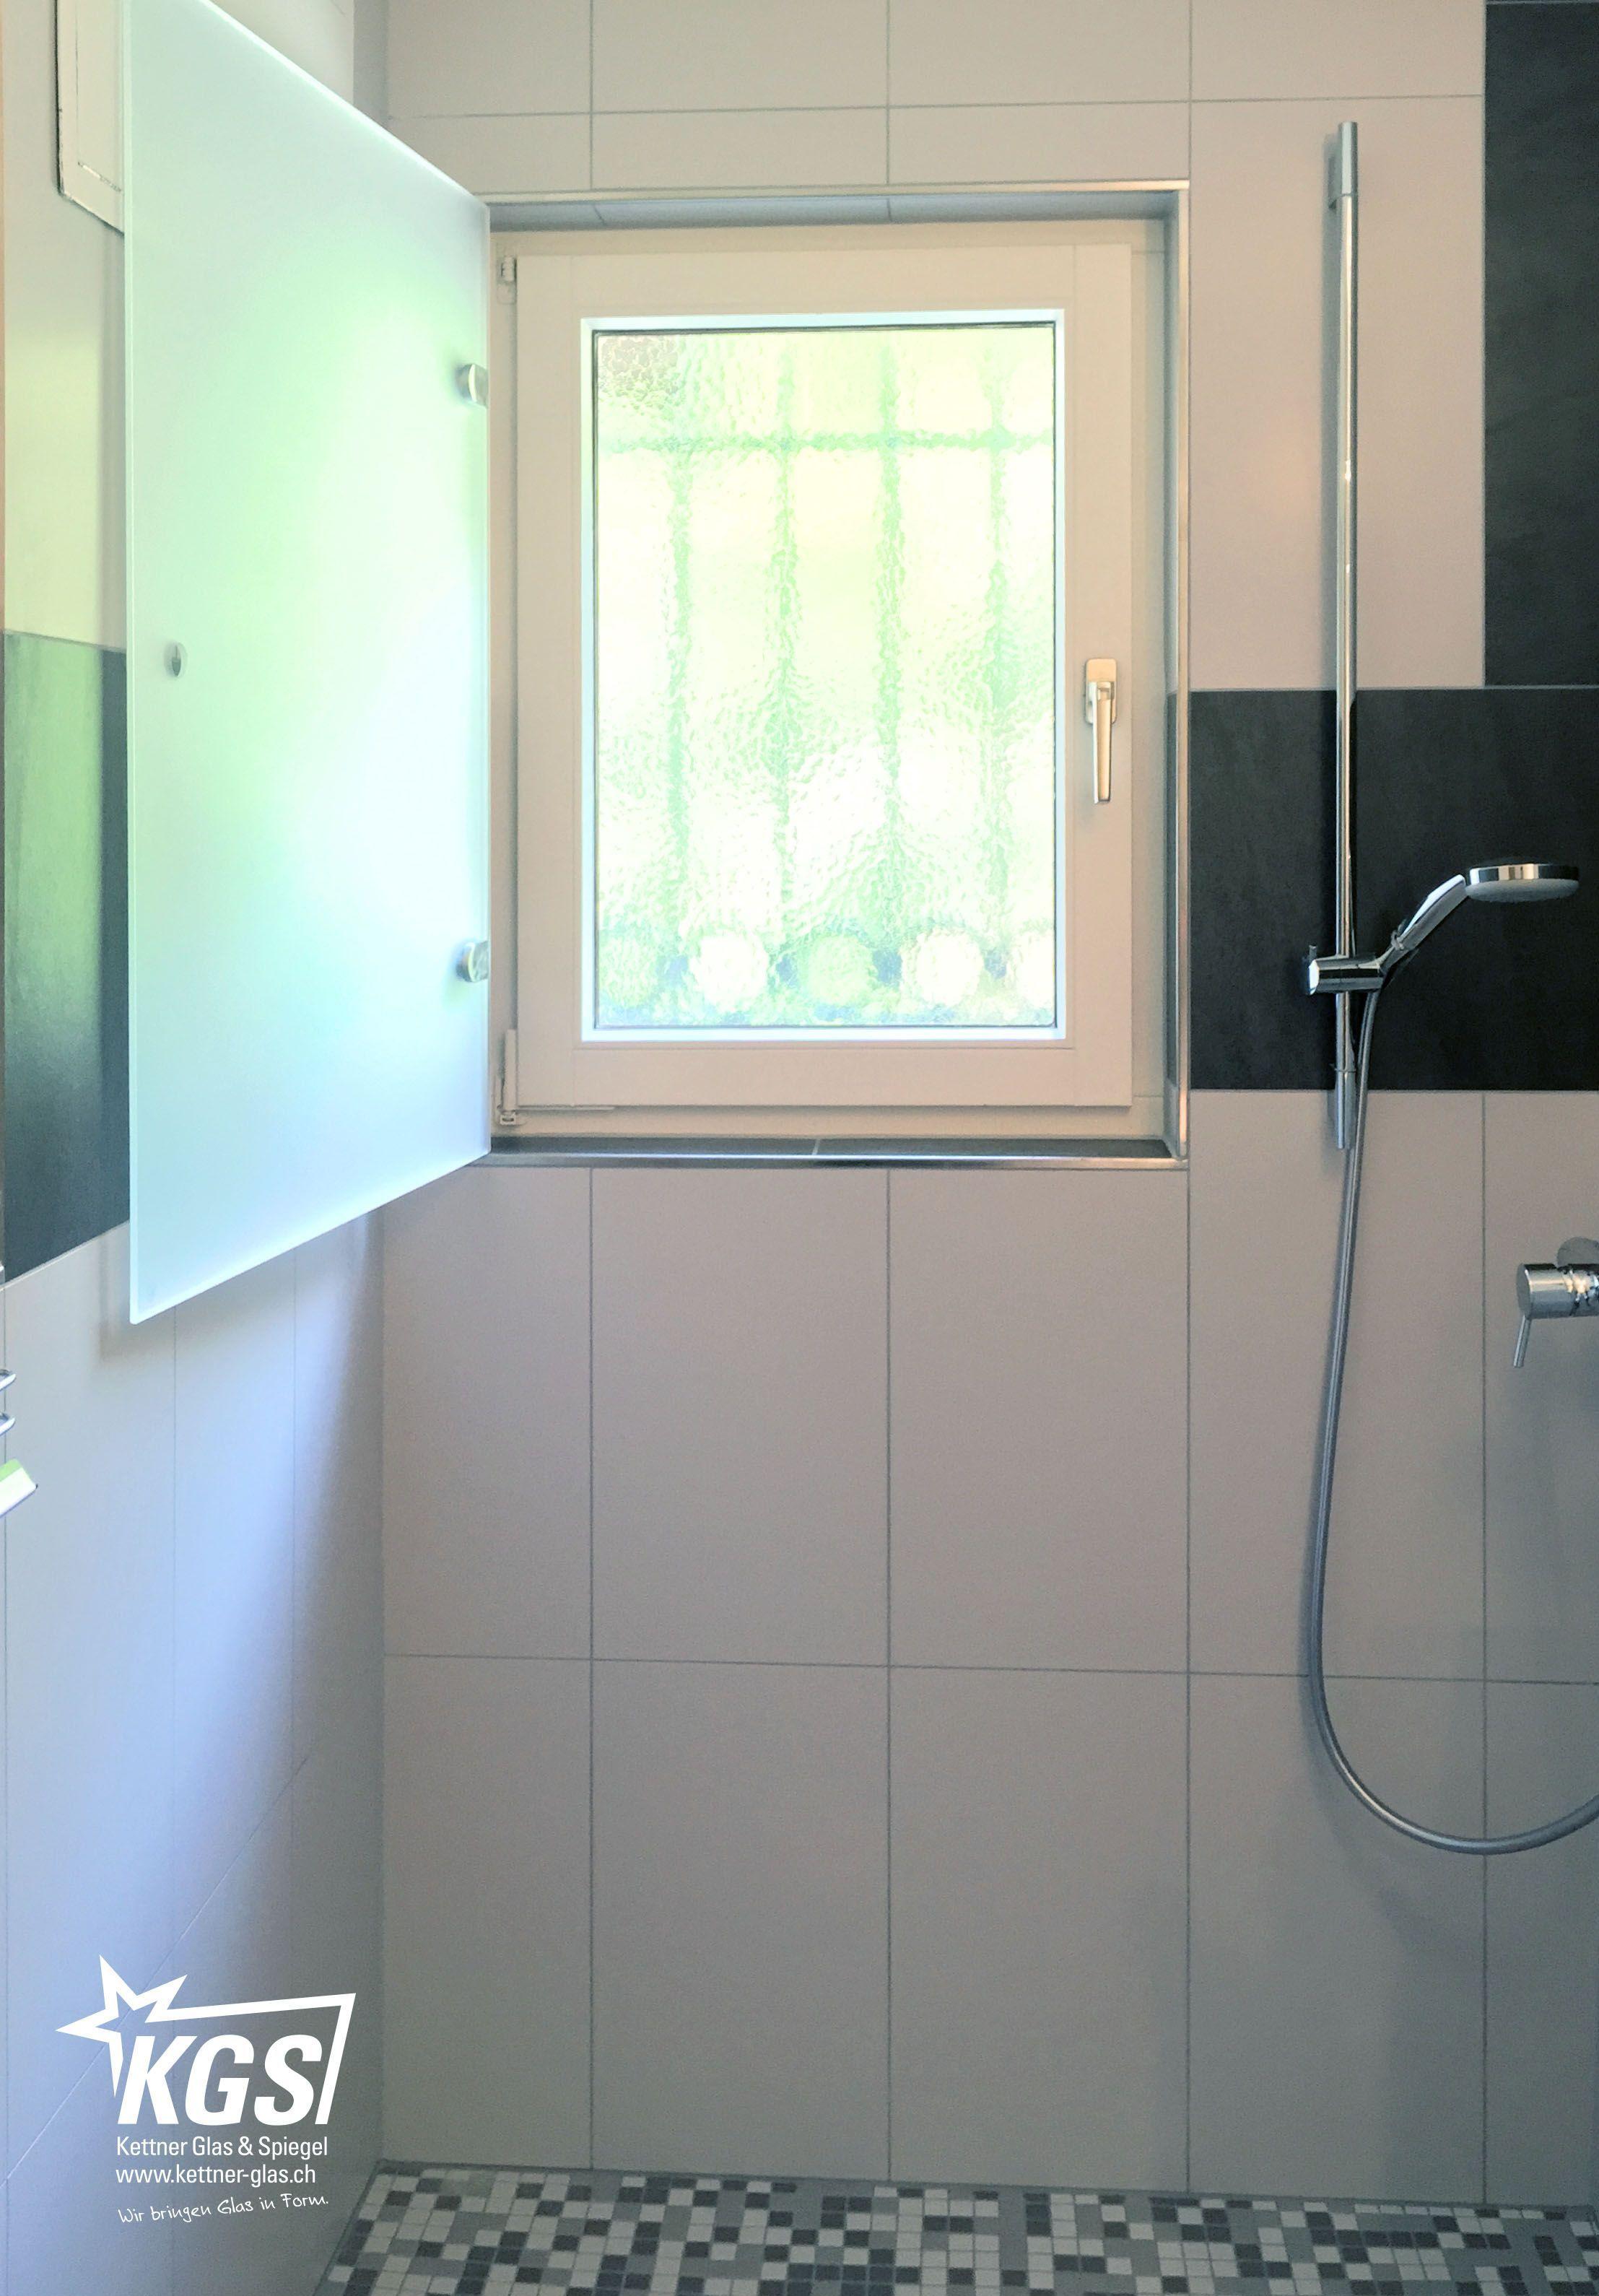 Das Duschfenster Kann Vollstandig Geoffnet Werden Und Ermoglich Dadurch U A Die Reinigung Des Fensters Stellen Sie In 2020 Dusche Fenster Badezimmerideen Dusche